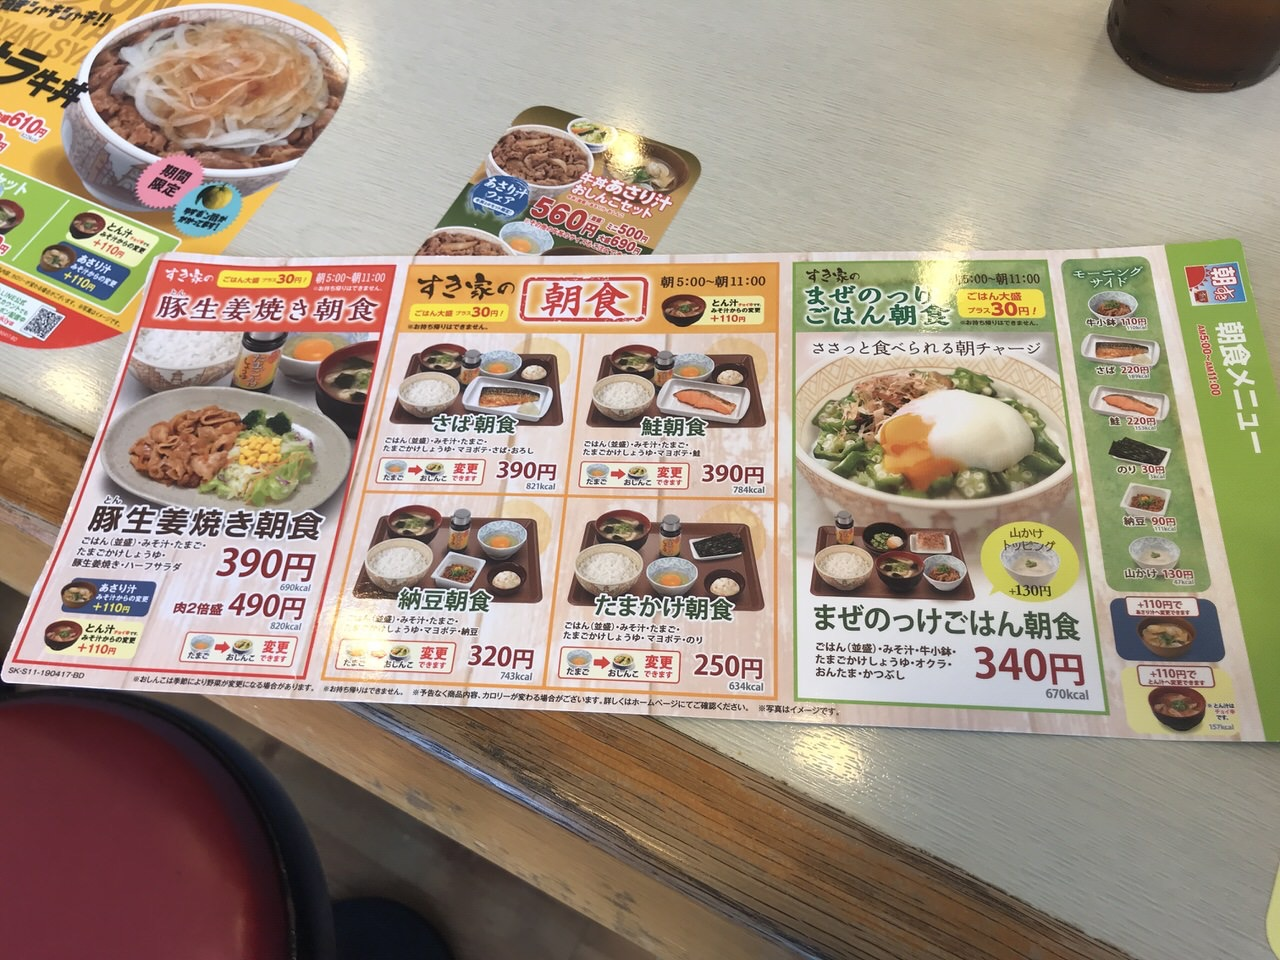 すき家 朝食メニュー 1